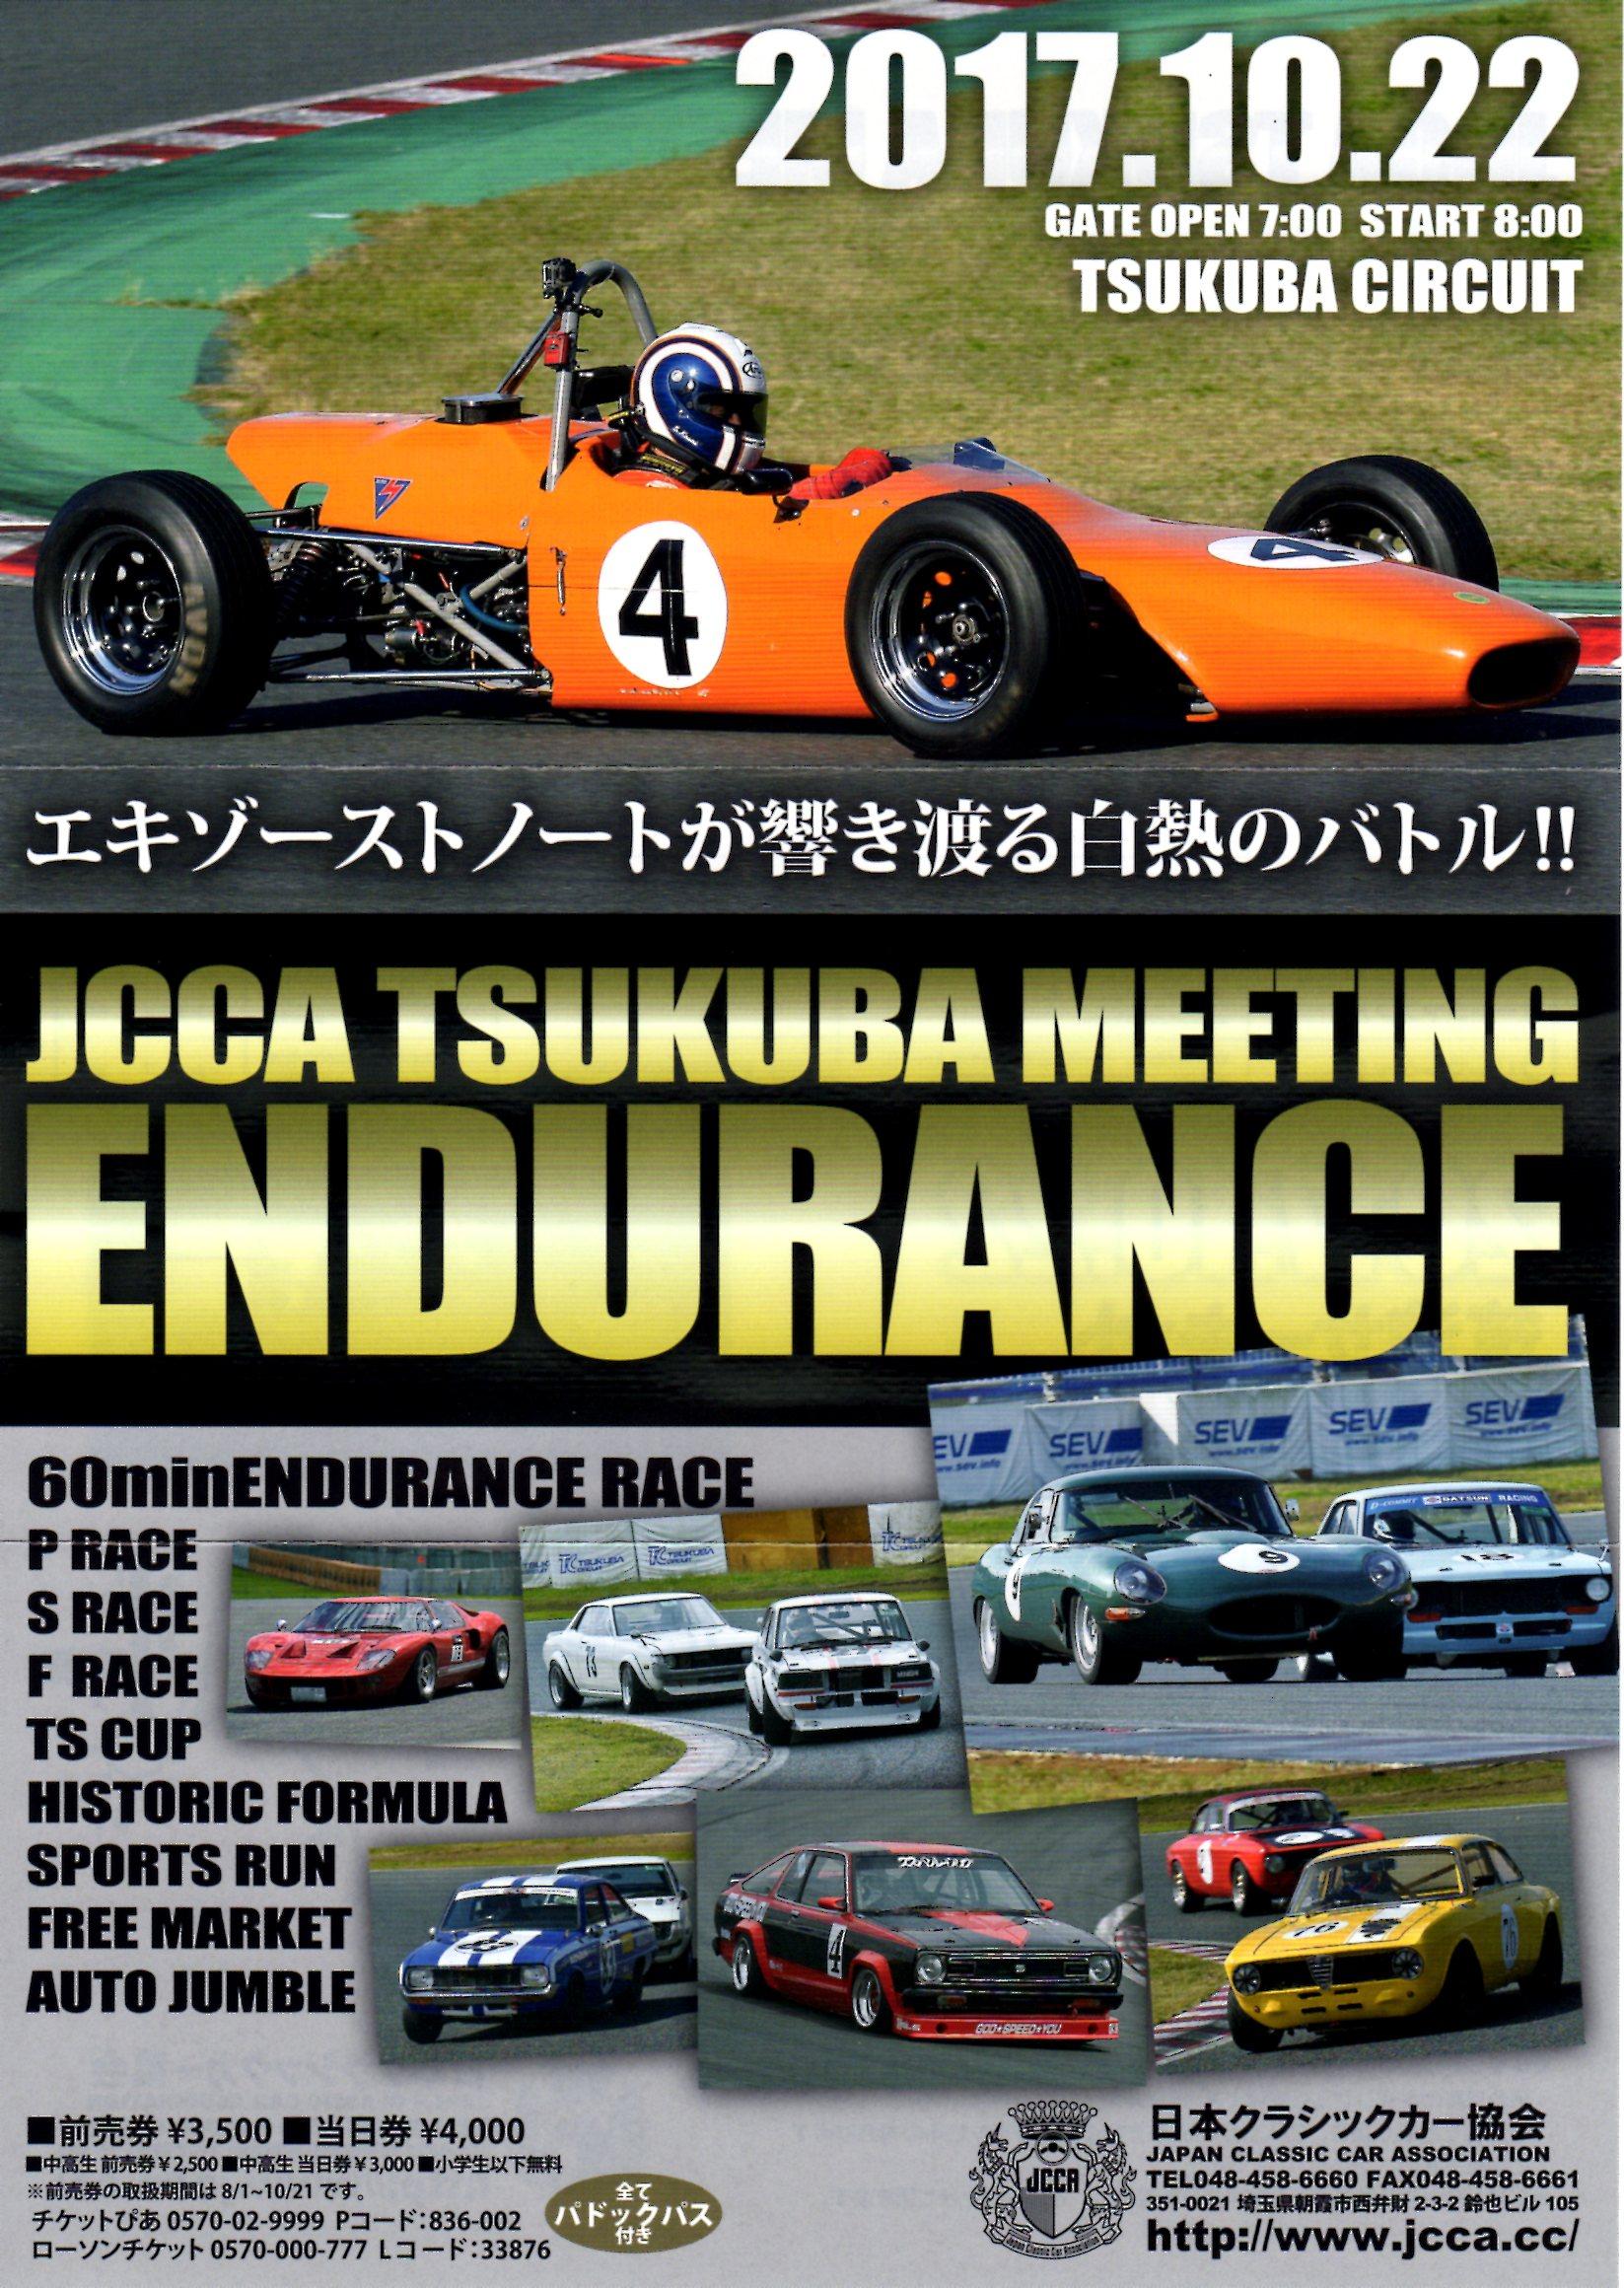 20171022_JCCA_92_7D_94g085.jpg